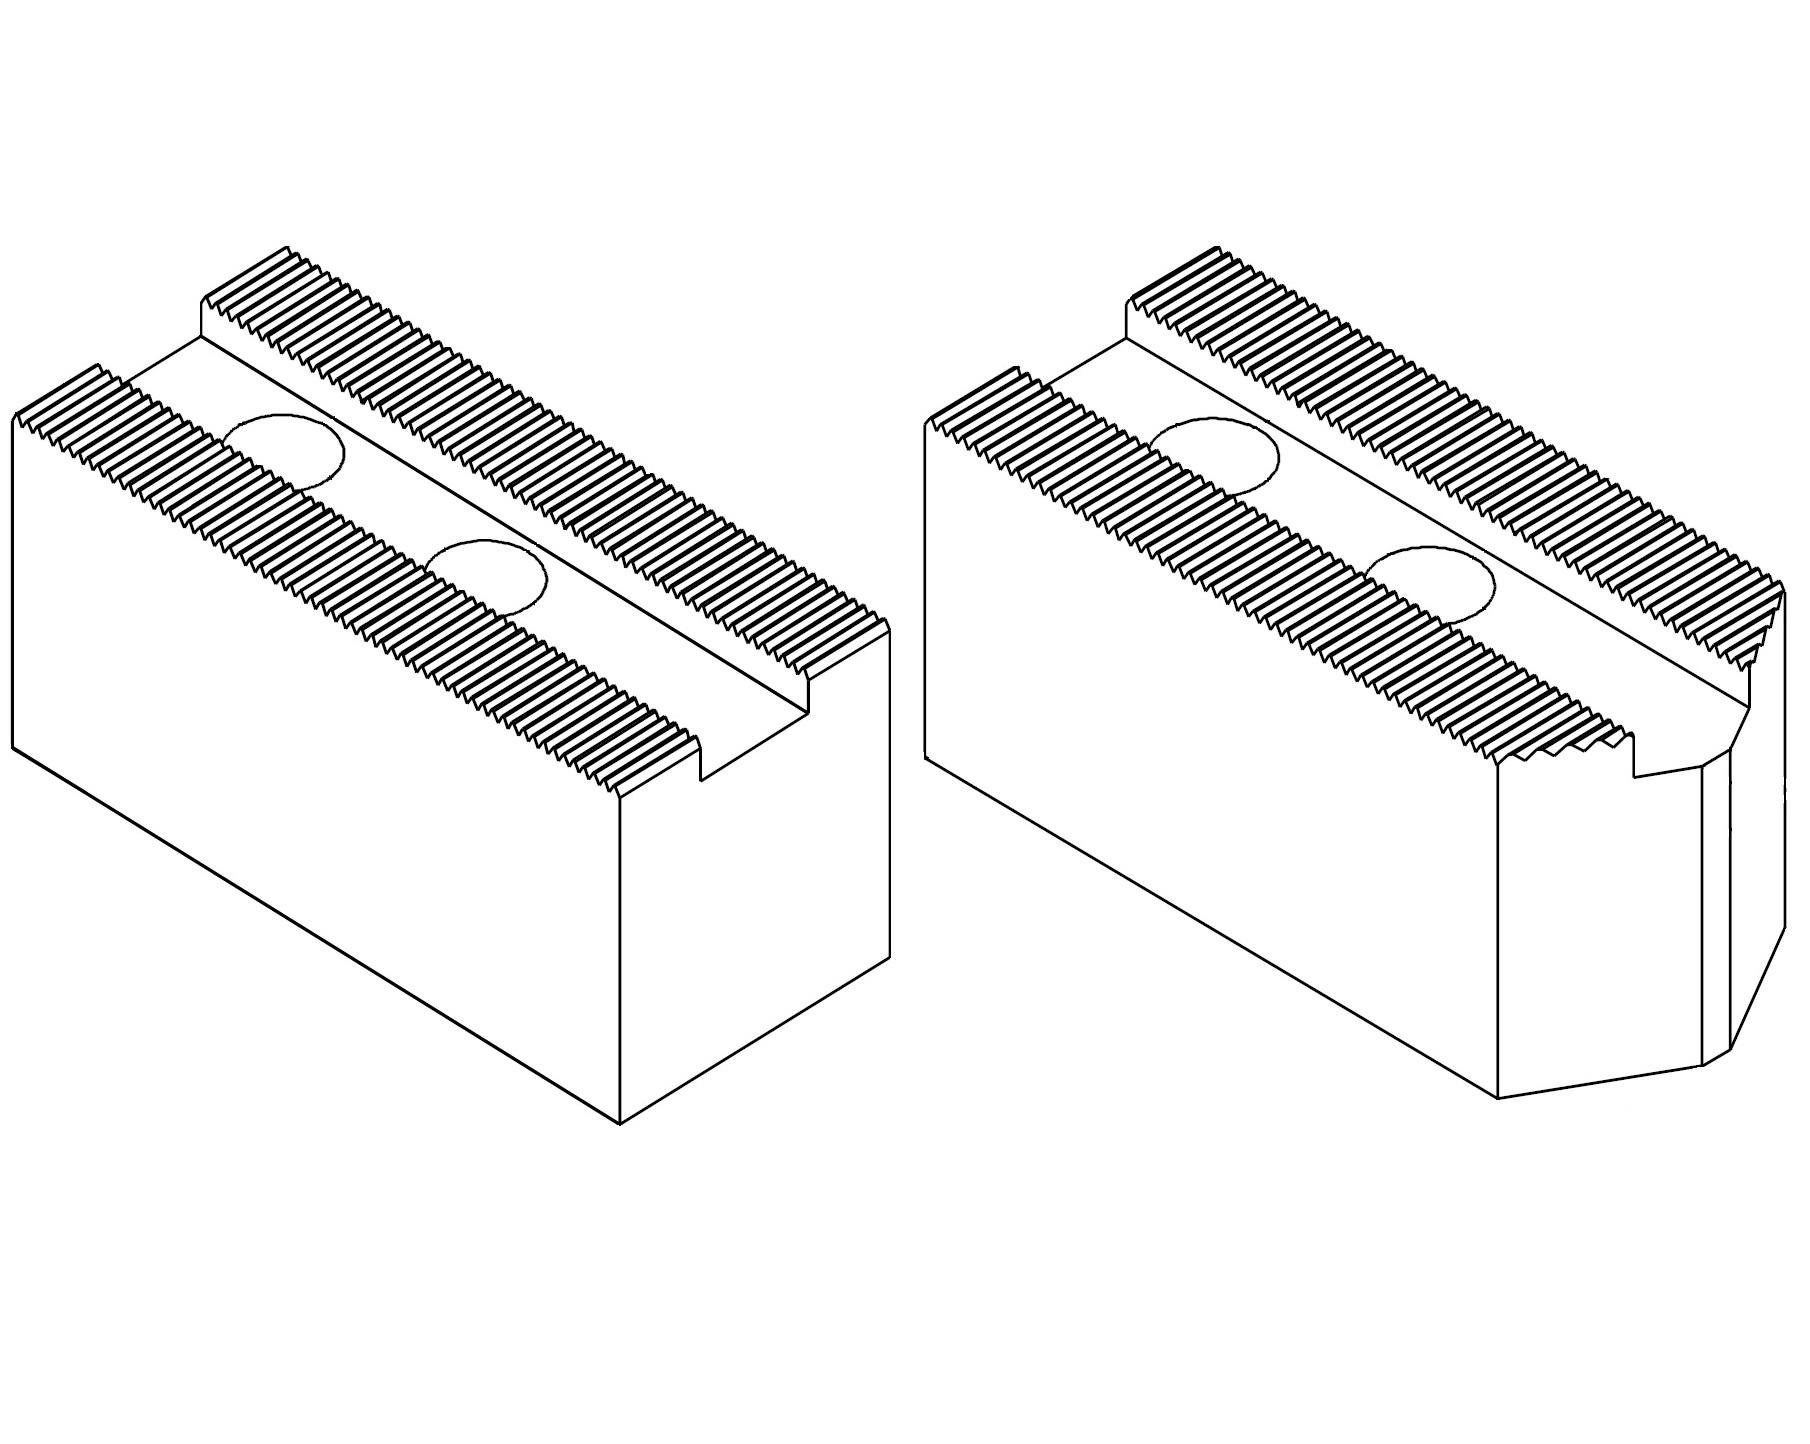 Čelisti měkké 3x60°, šířka drážky - 26 mm